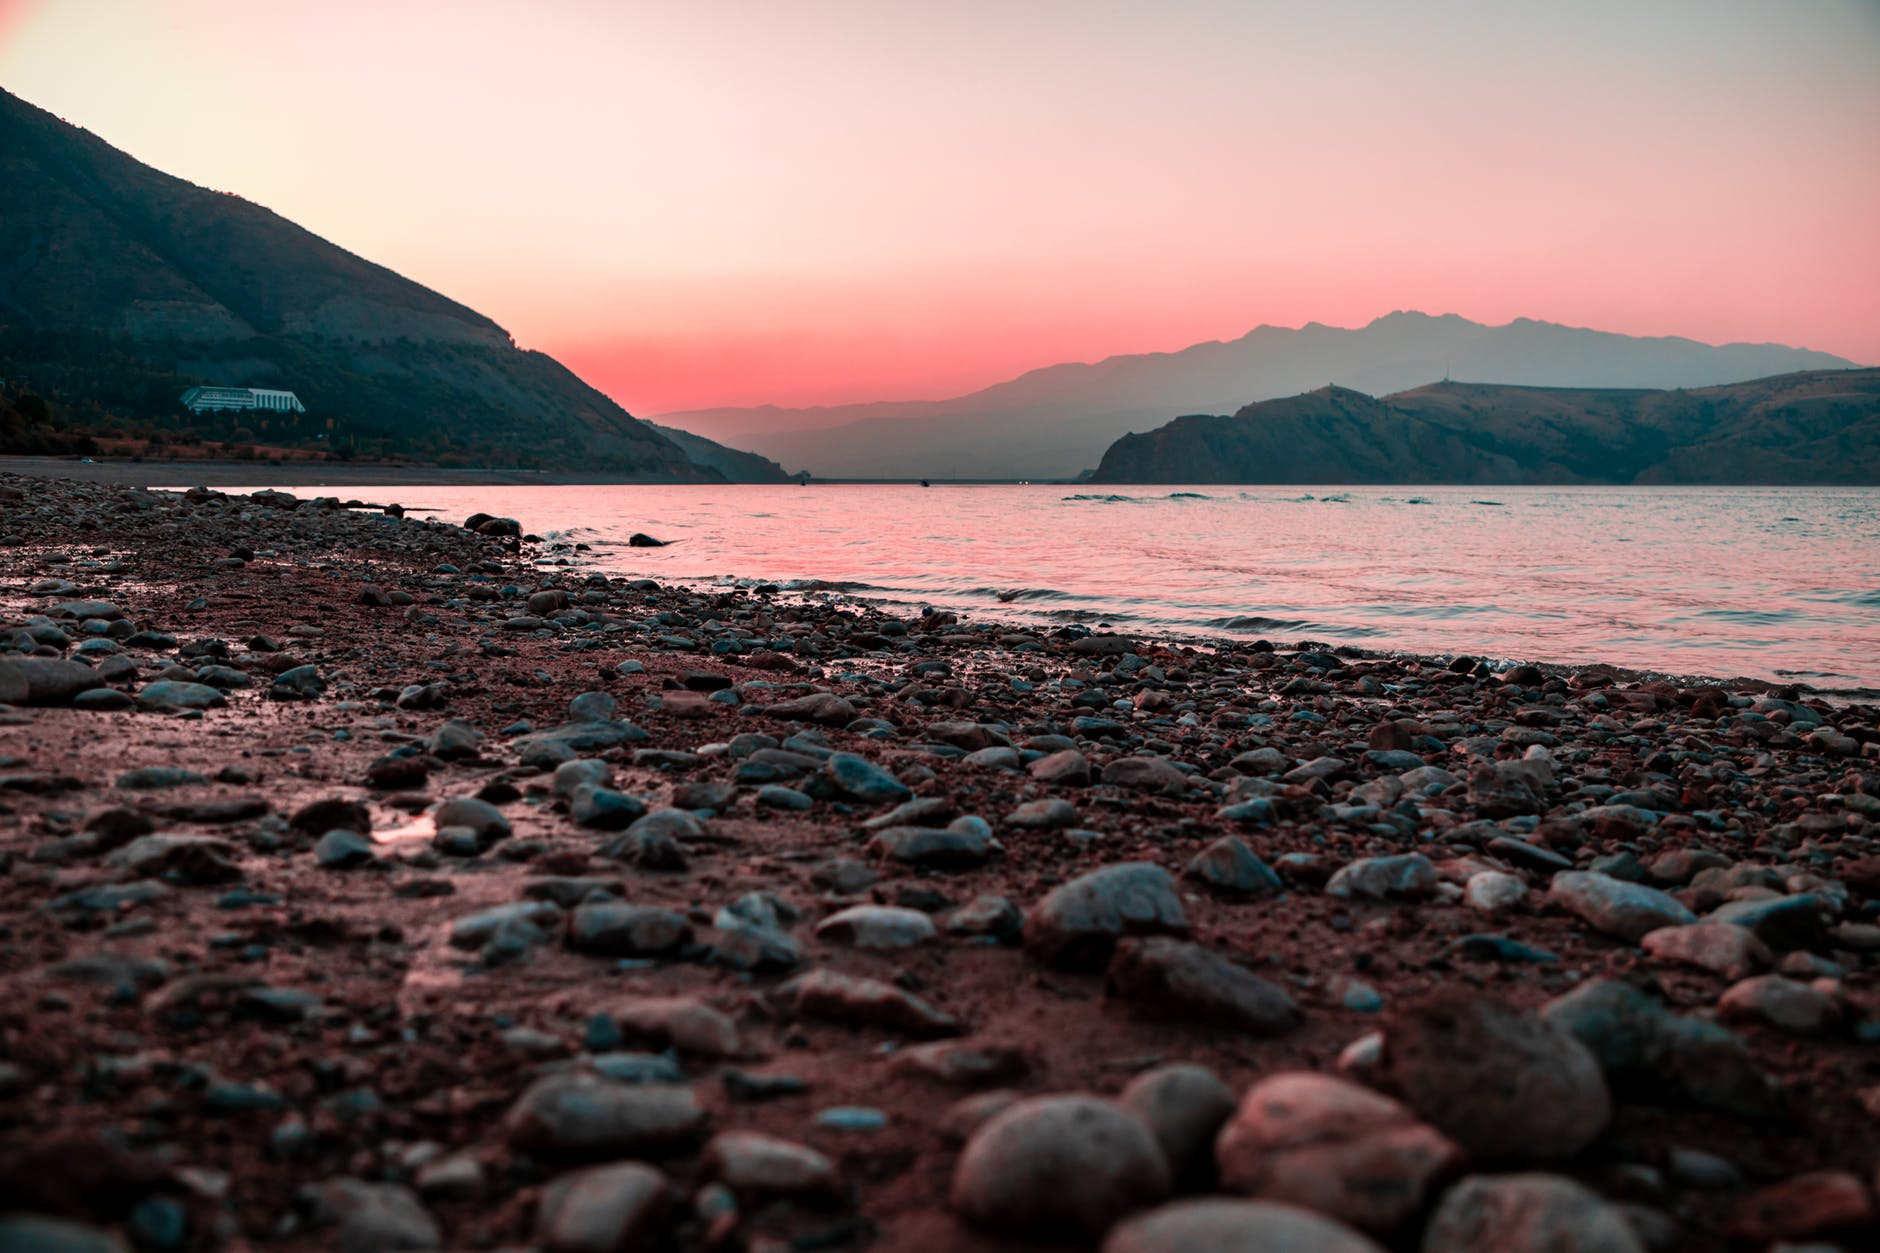 photo of rocky seashore